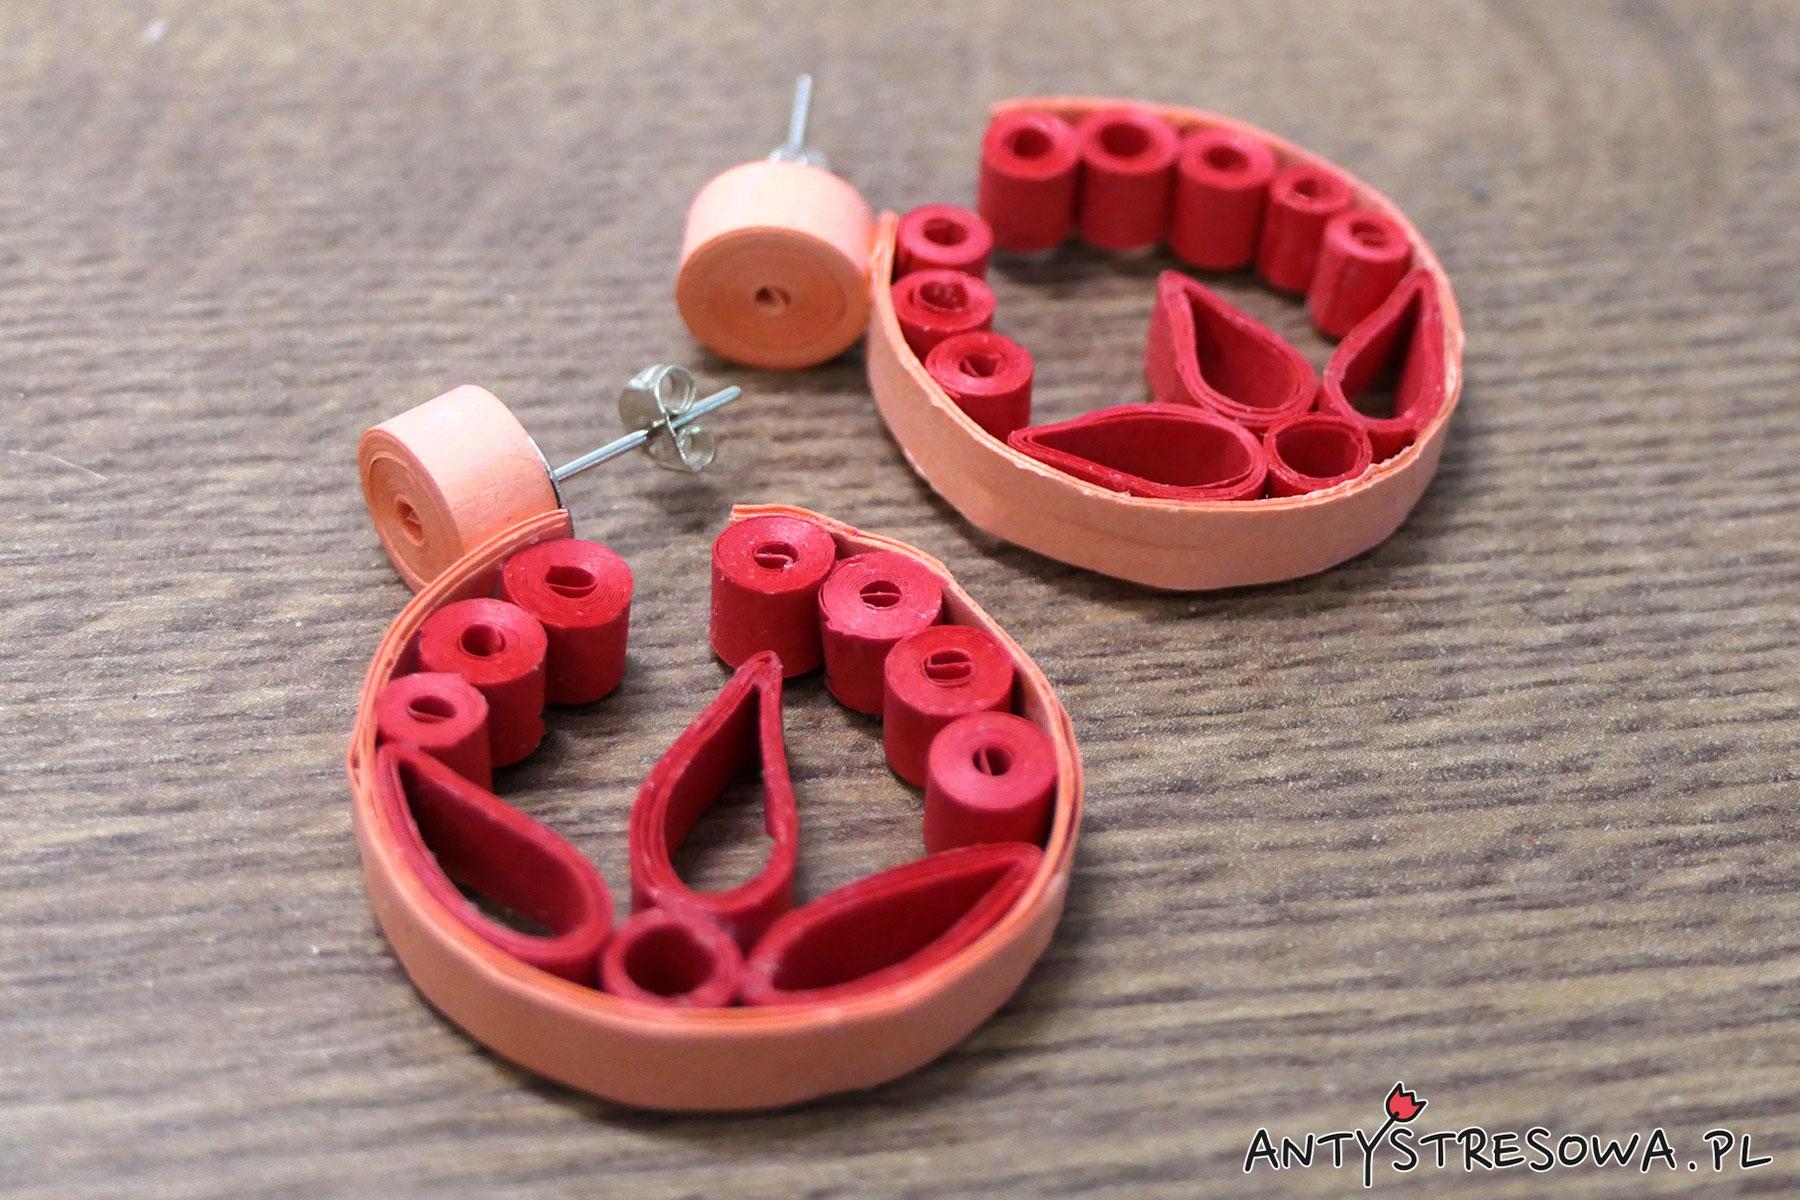 kolczyki koliste wykonane techniką Quillingu